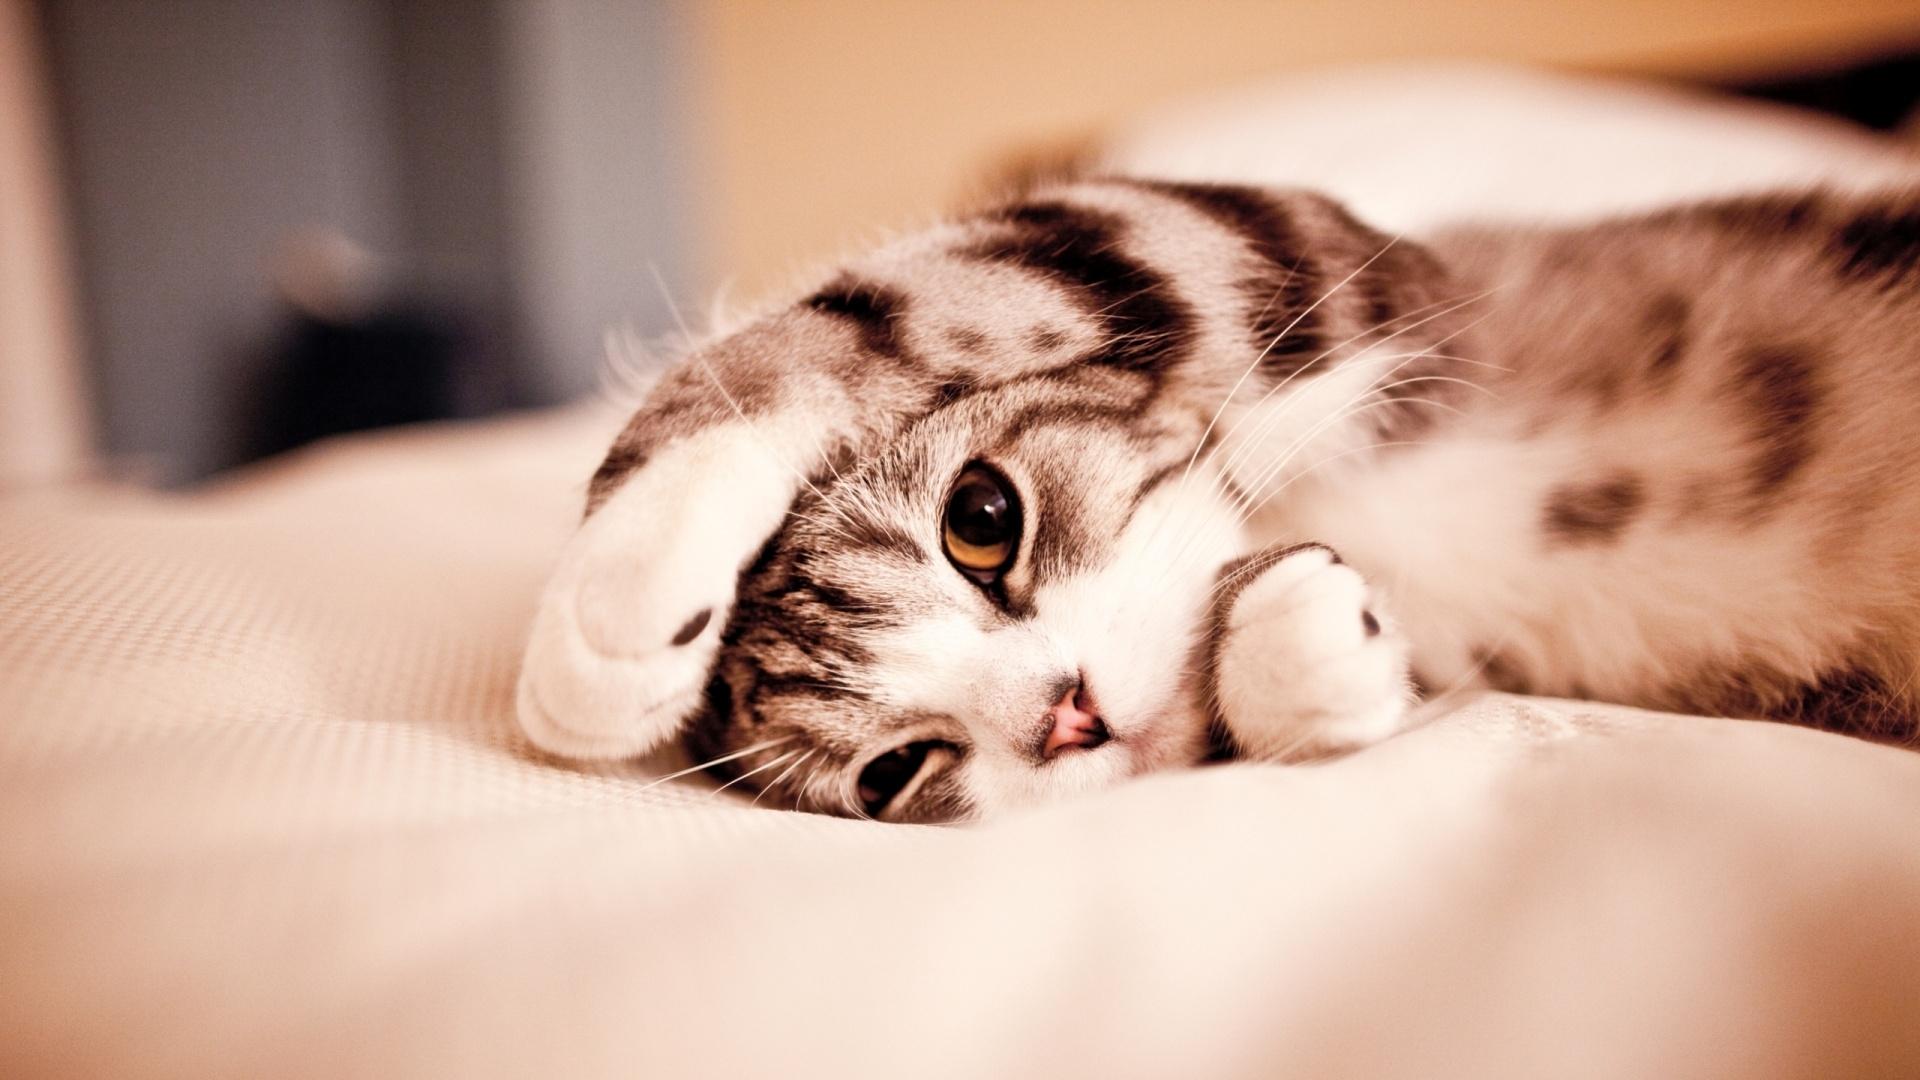 cats animals beds kittens golden eyes - Wallpaper (#1182998) / Wallbase.cc